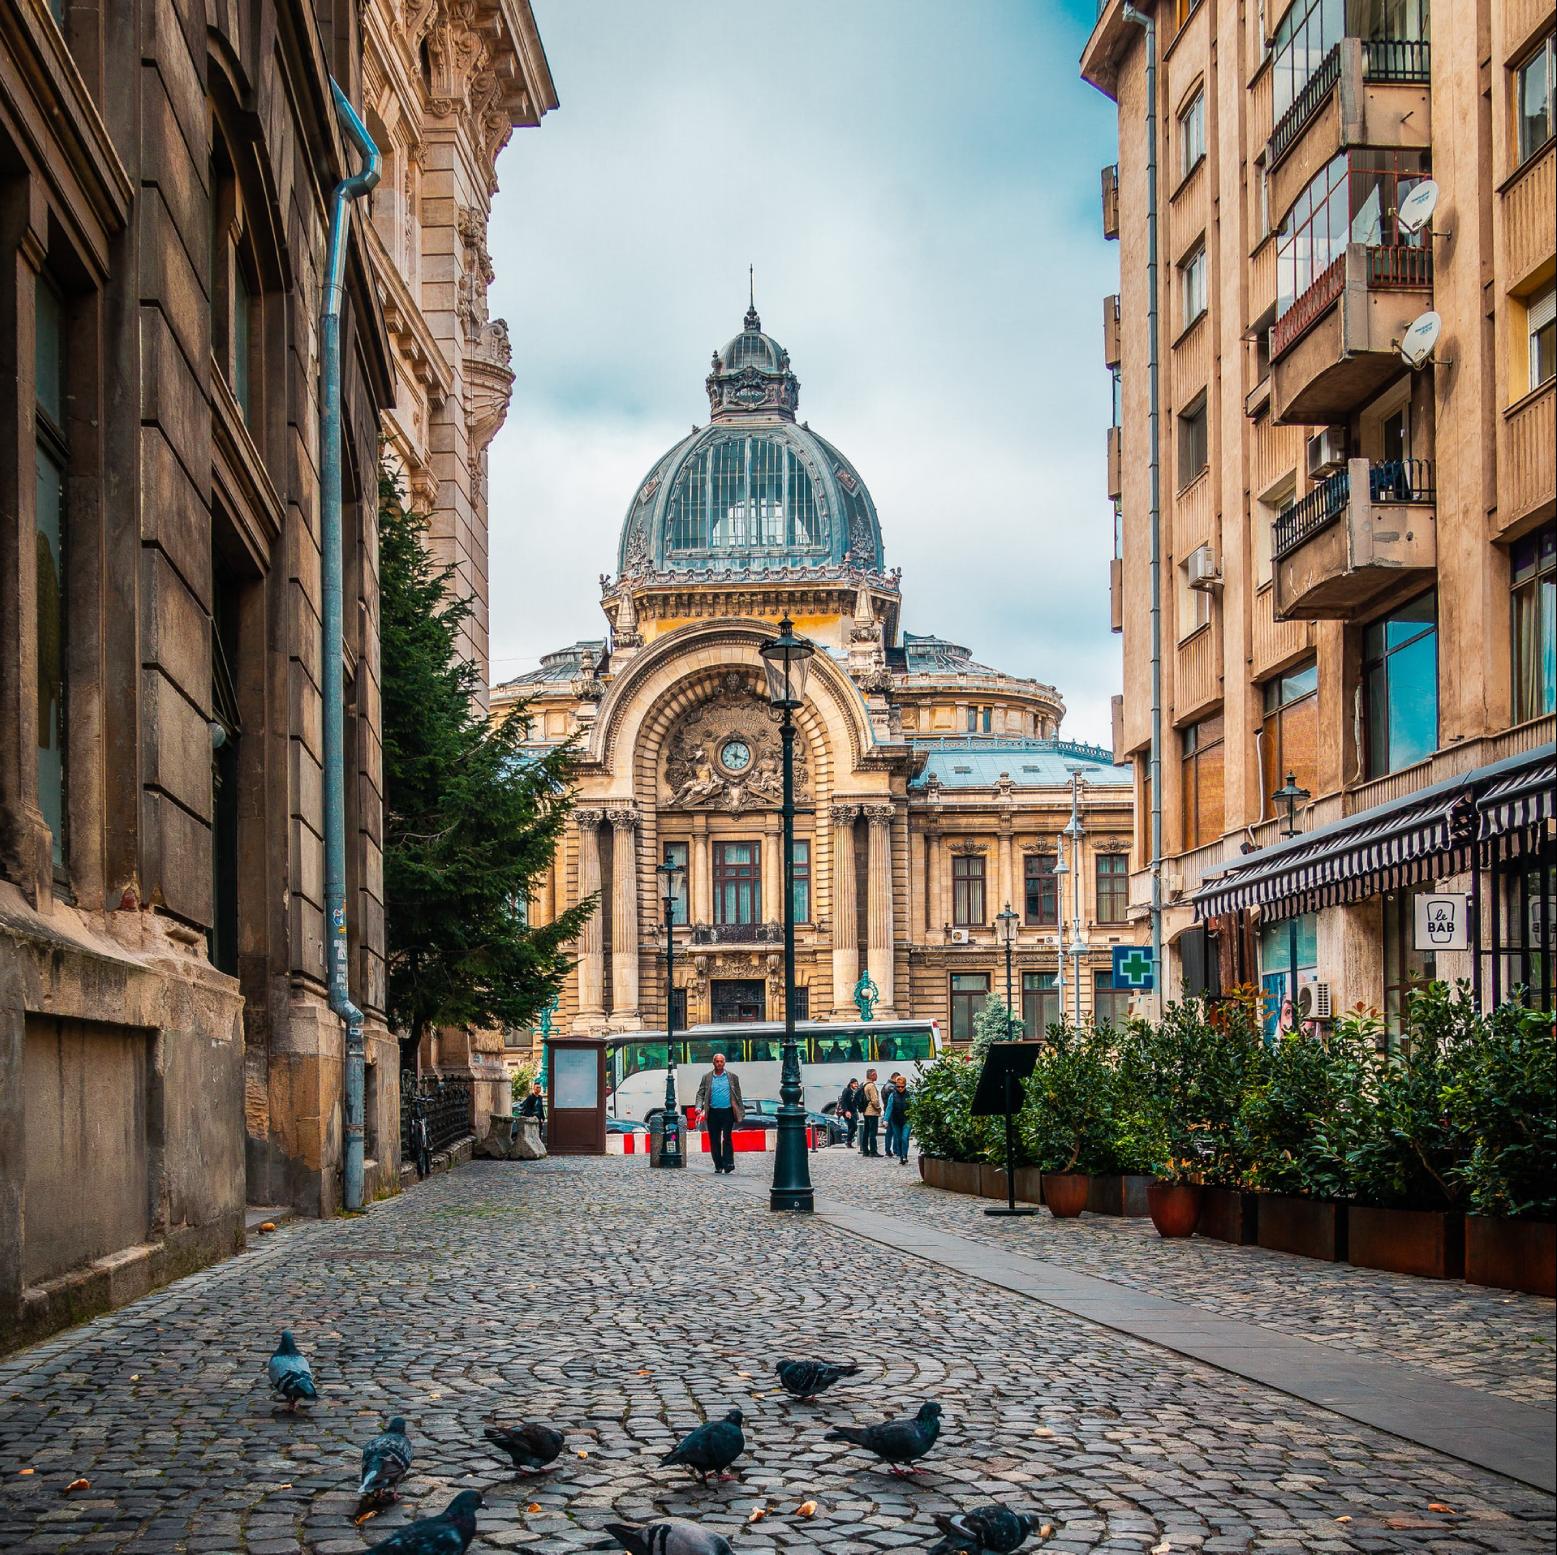 Palácio do Parlamento, Bucareste, Romênia